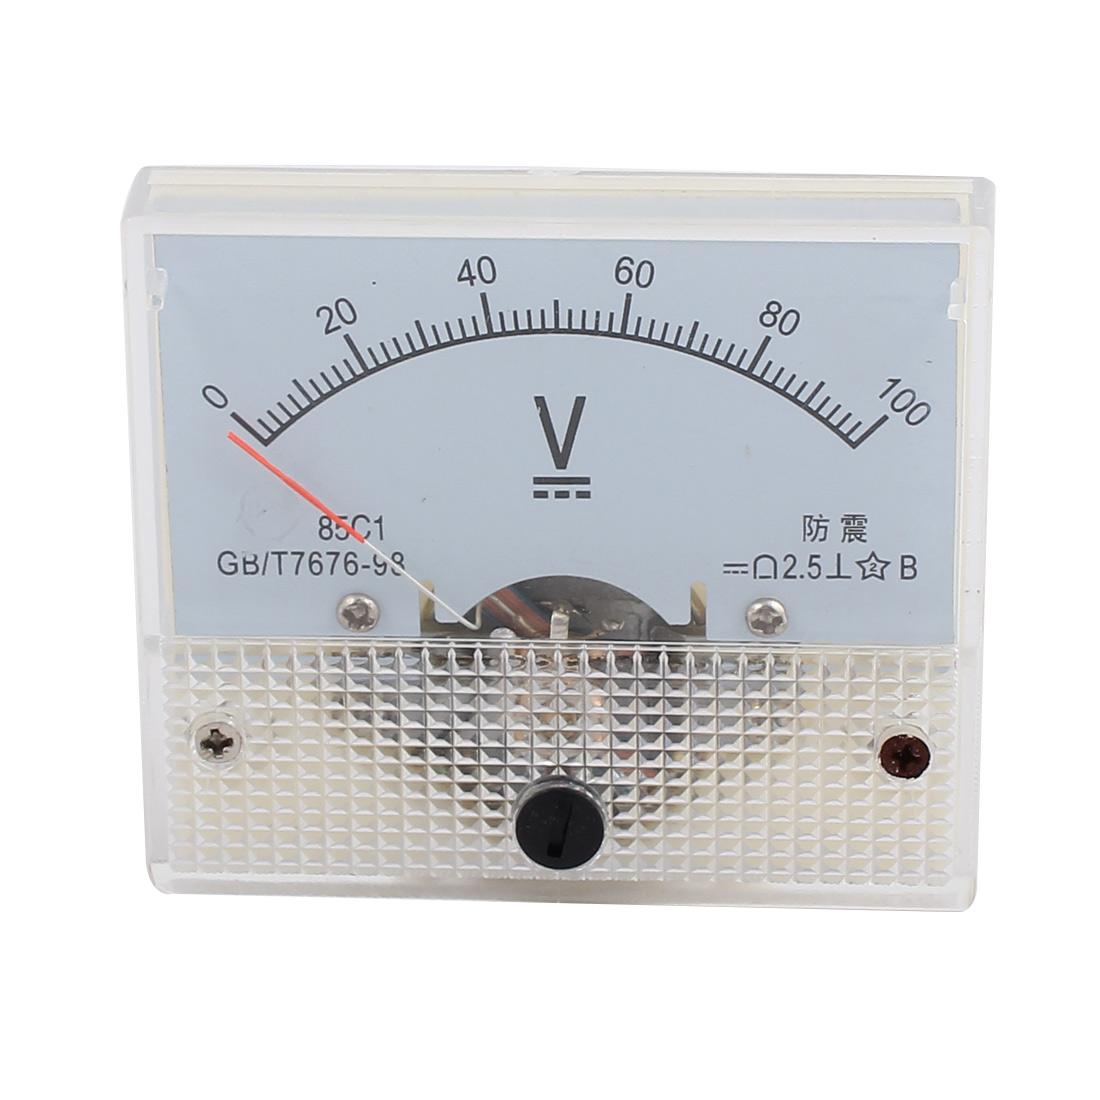 DC 0-100V Analog Volt Voltage Panel Meter Voltmeter Gauge 85C1